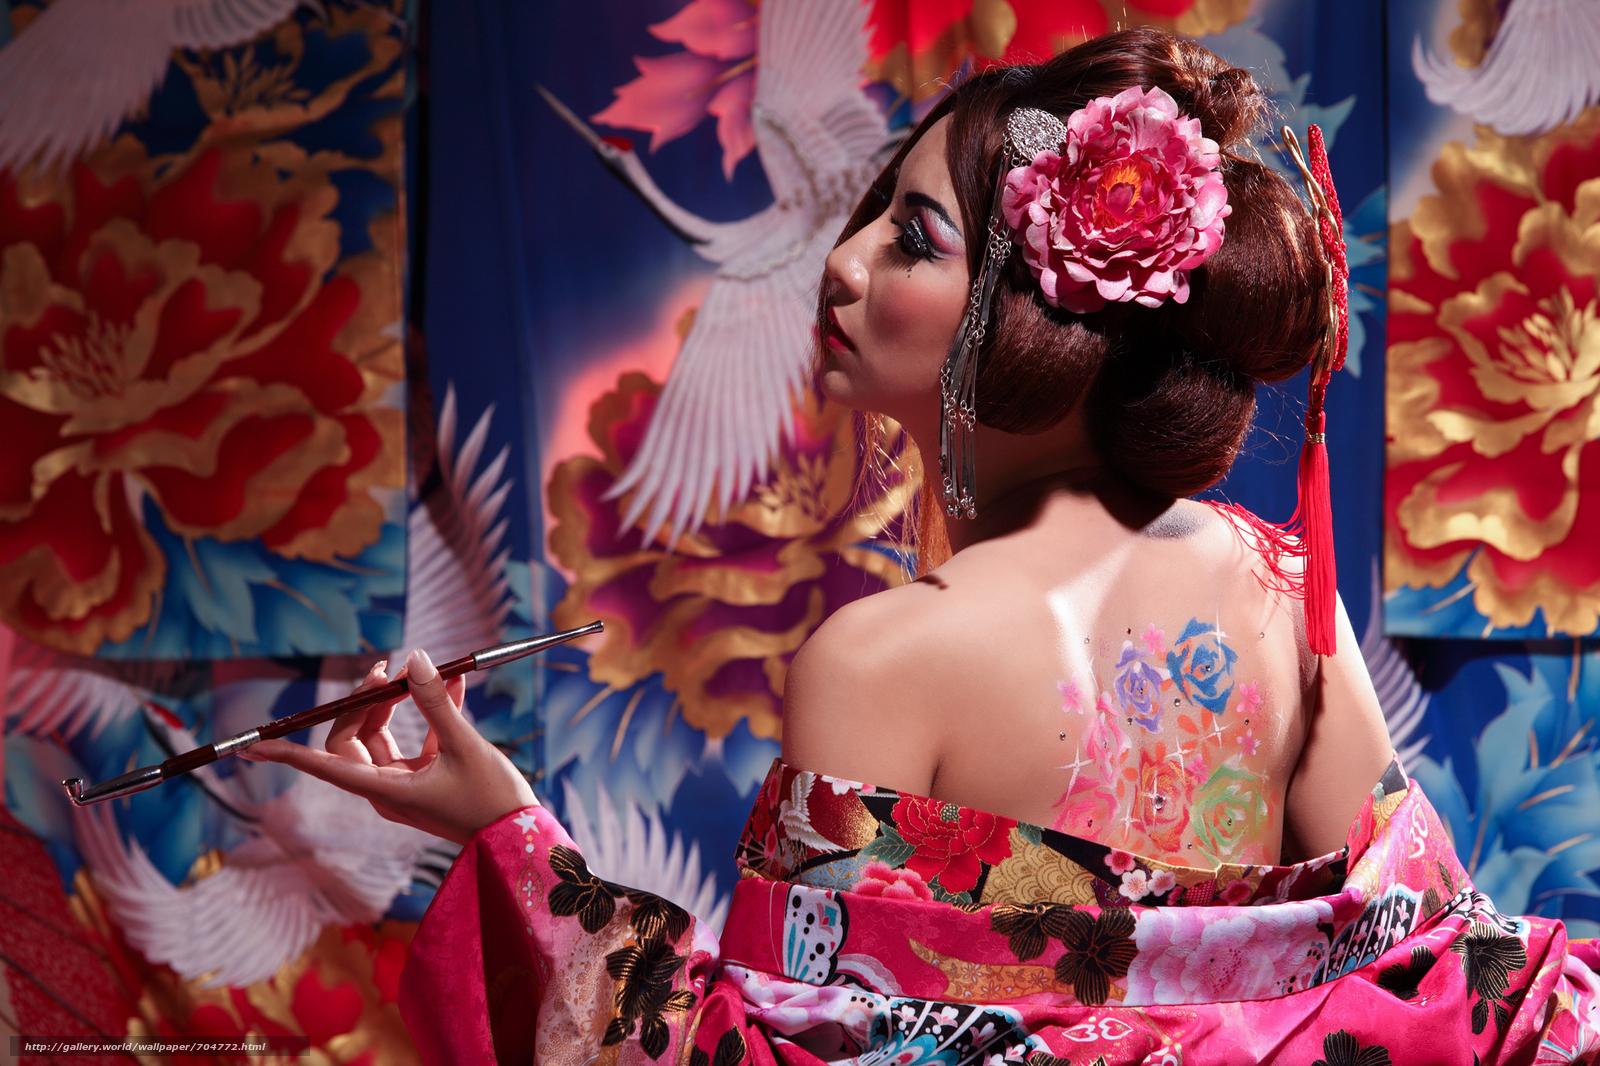 Фото открытых у японок, Красивые обнаженные японки (38 фото) 12 фотография